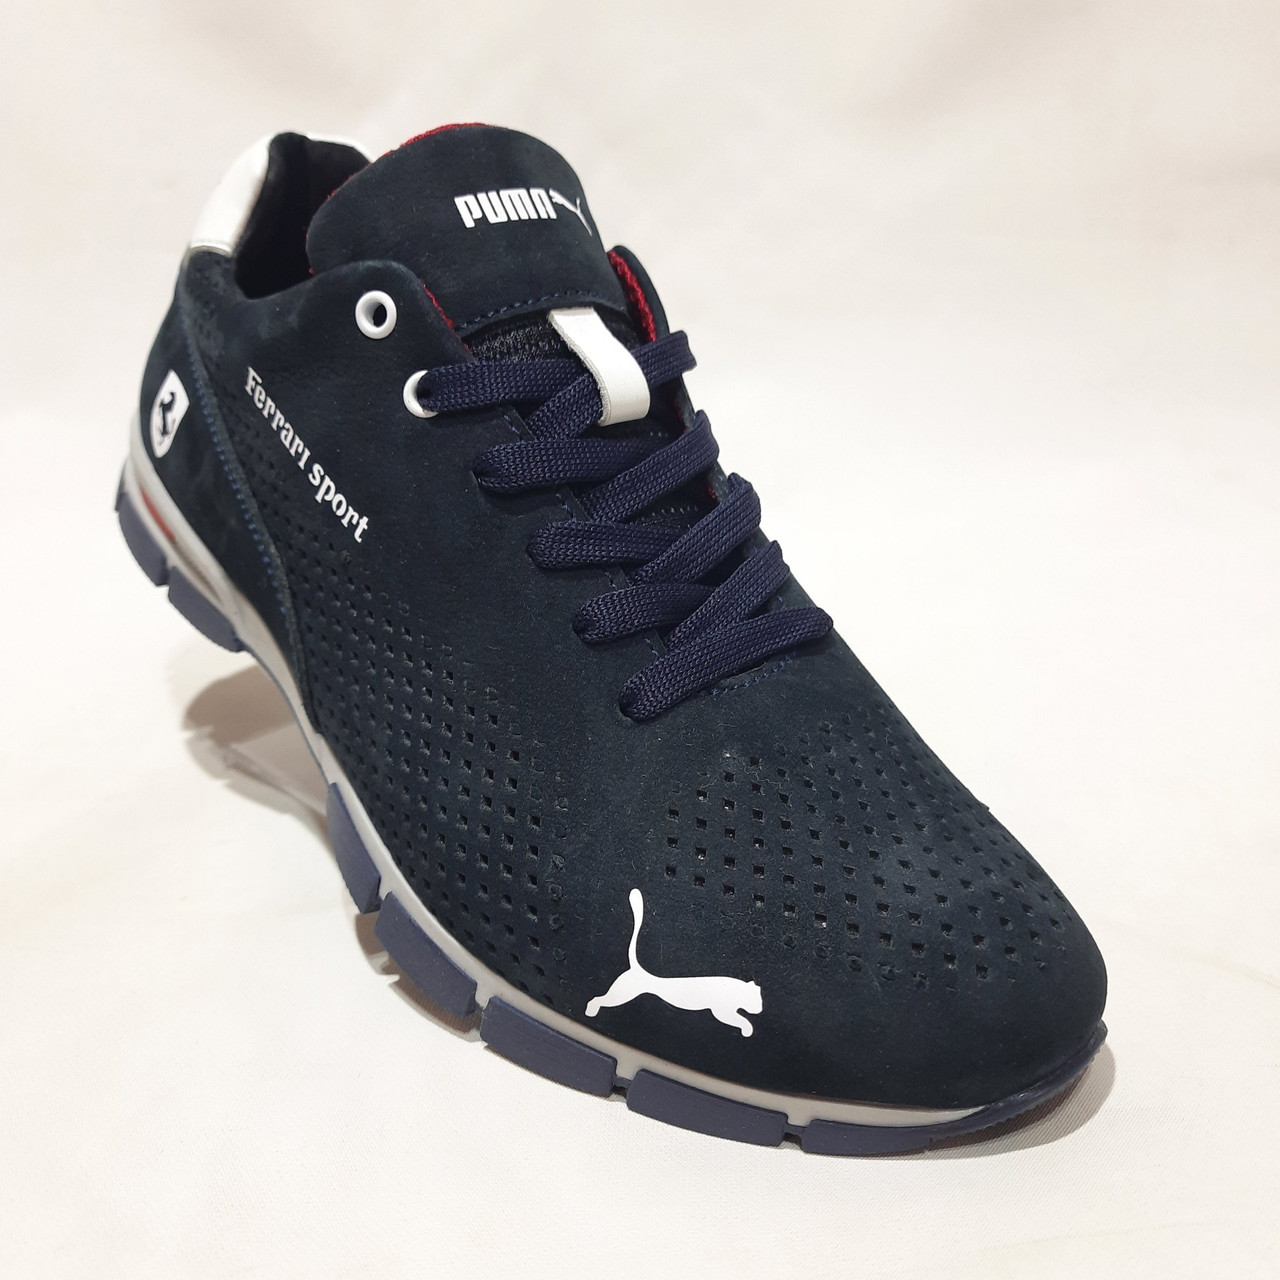 Мужские кроссовки из перфорированной кожи в стиле Puma, темно-синий